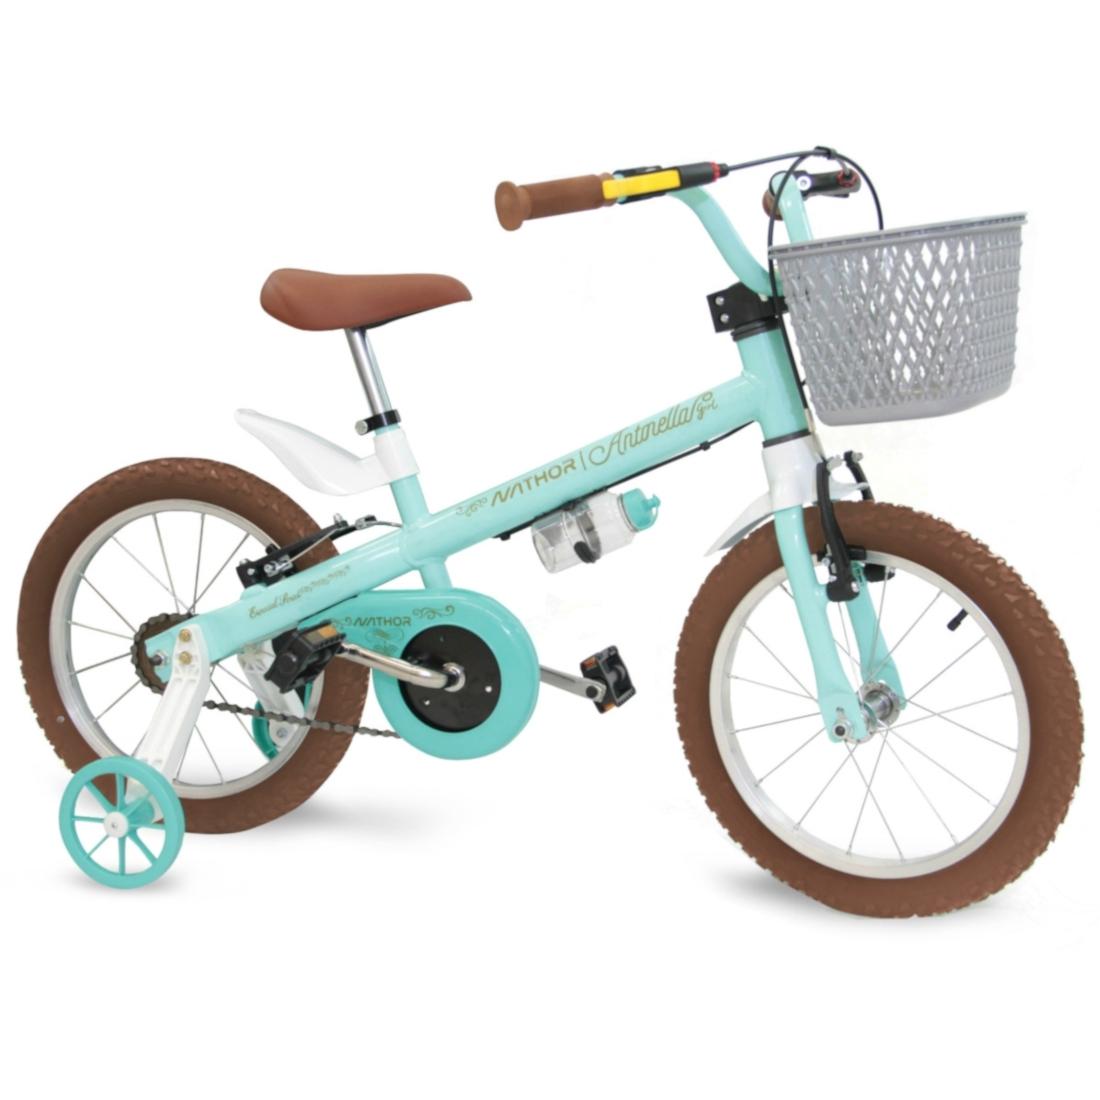 Bicicleta Aro 16 menina Antonella Verde Acqua Nathor